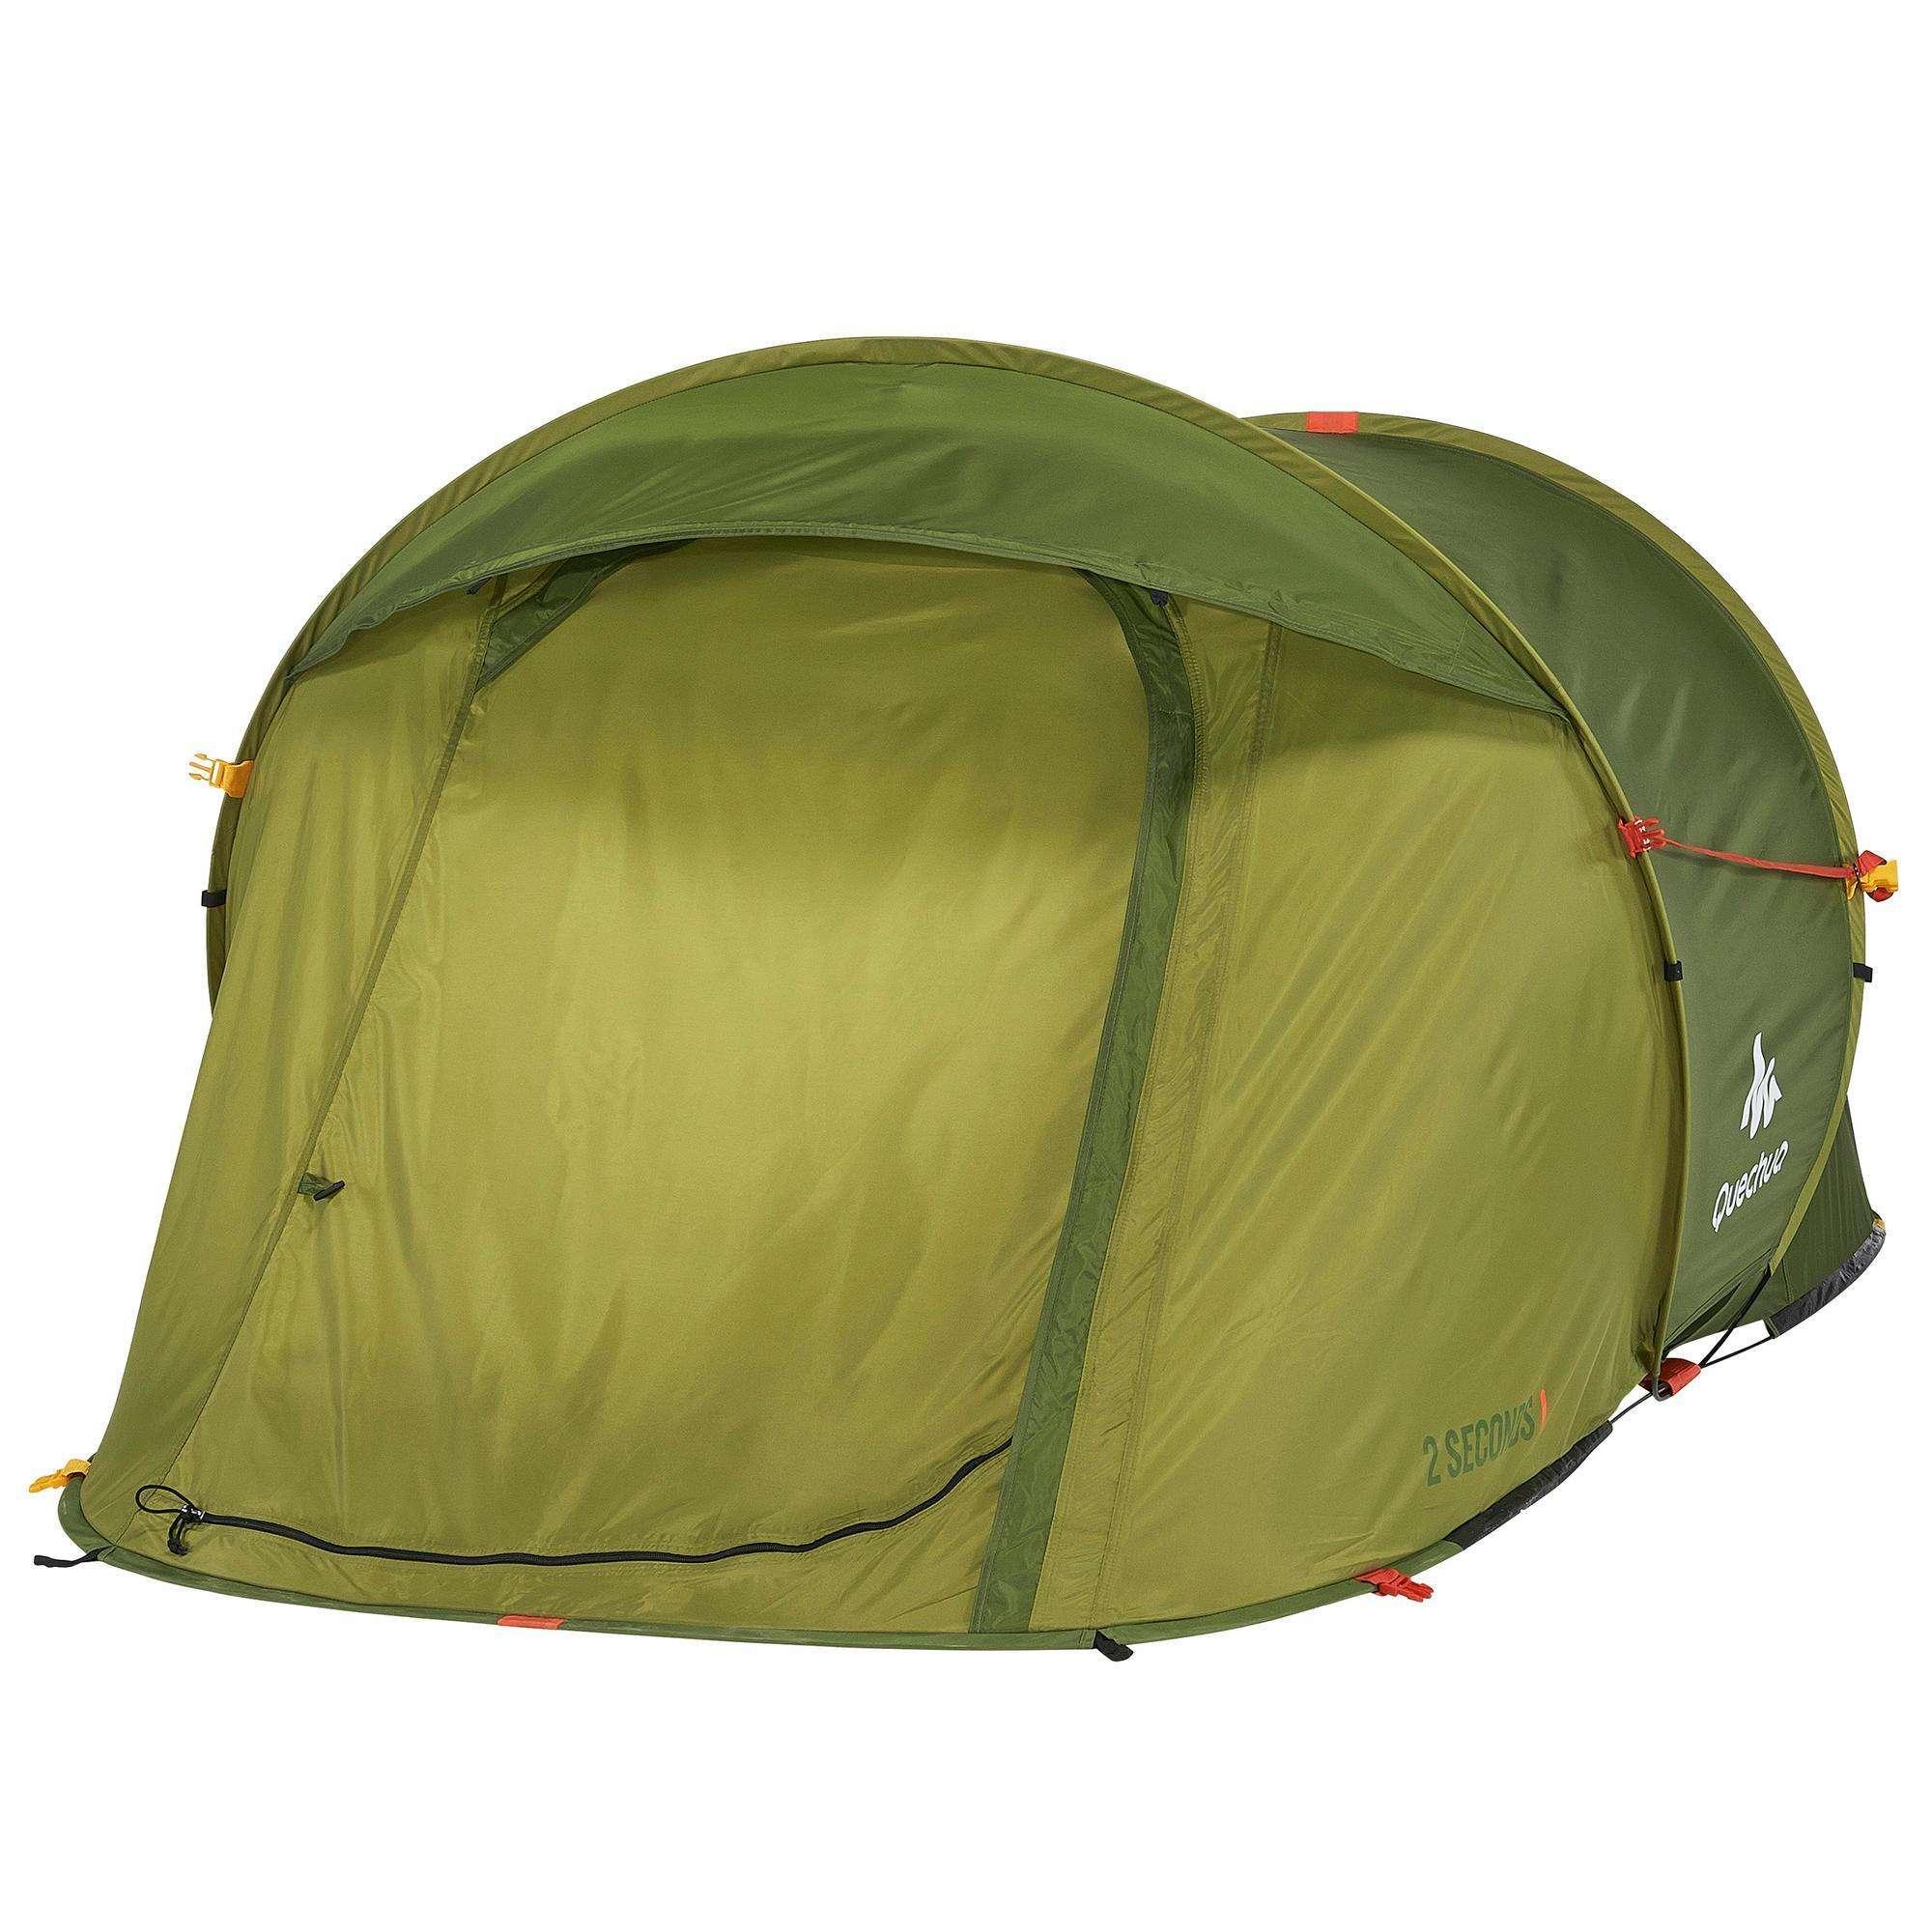 Quelles sont les questions à se poser lors d'un achat de tente ?